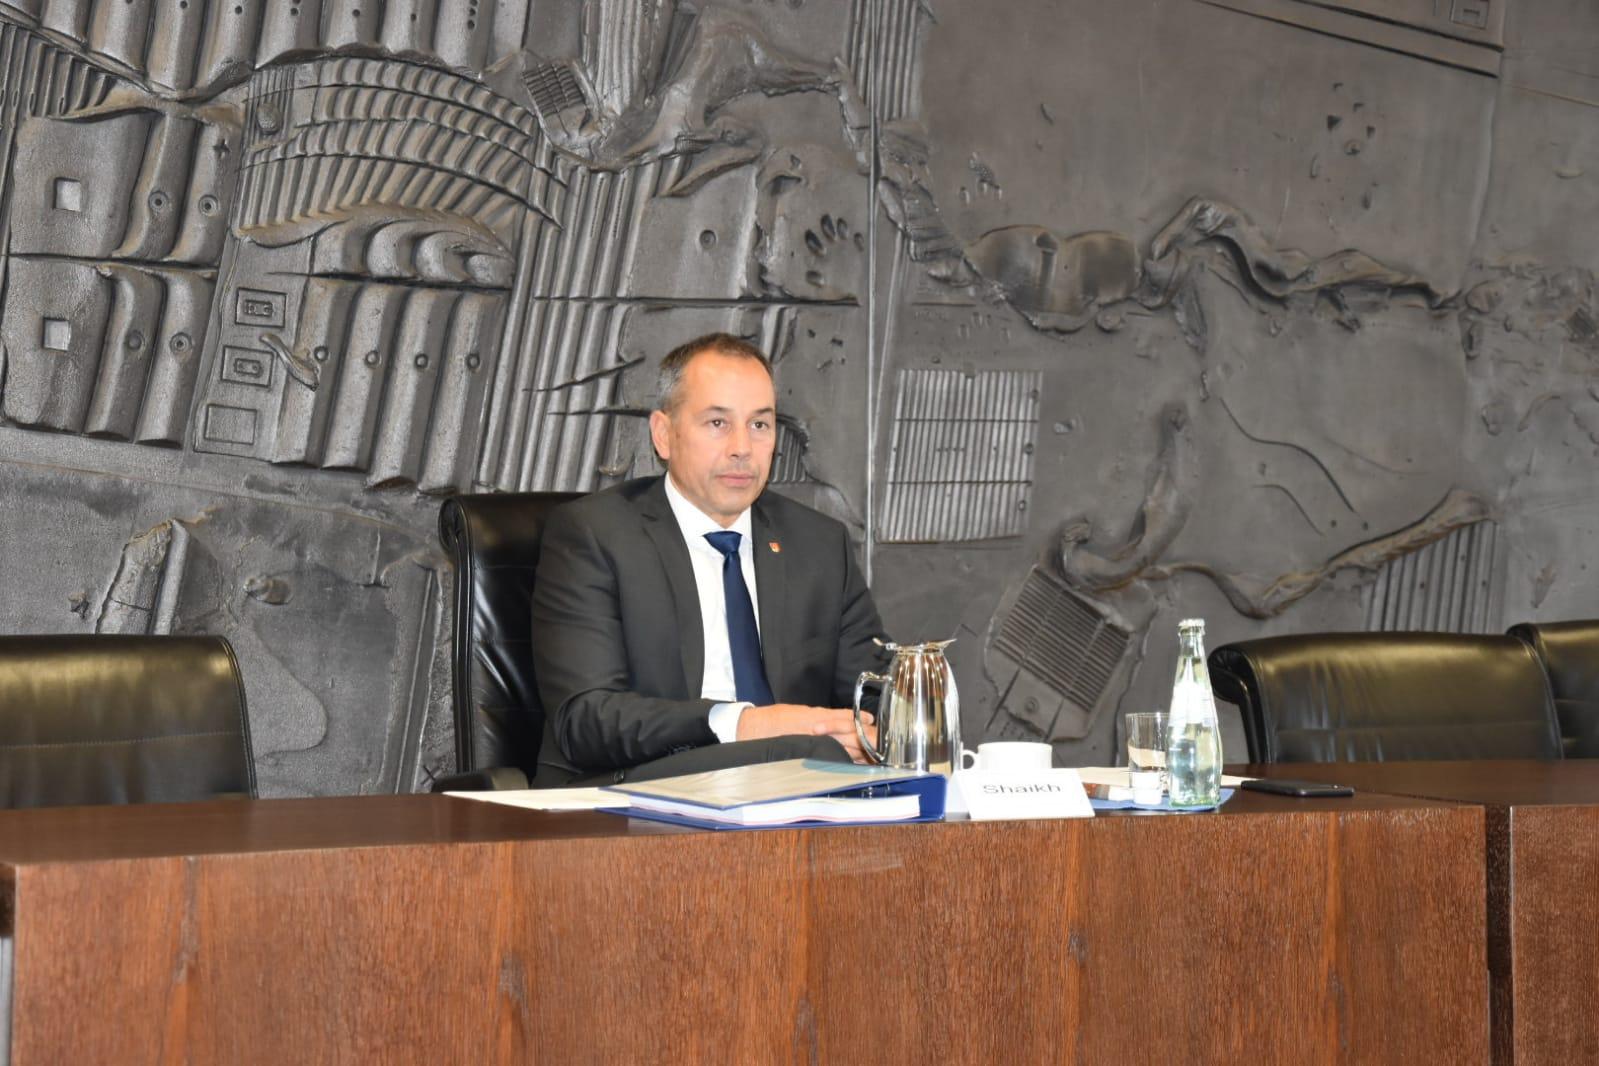 Bürgermeister Adnan Shaikh auf der Pressekonferenz im Rathaus.